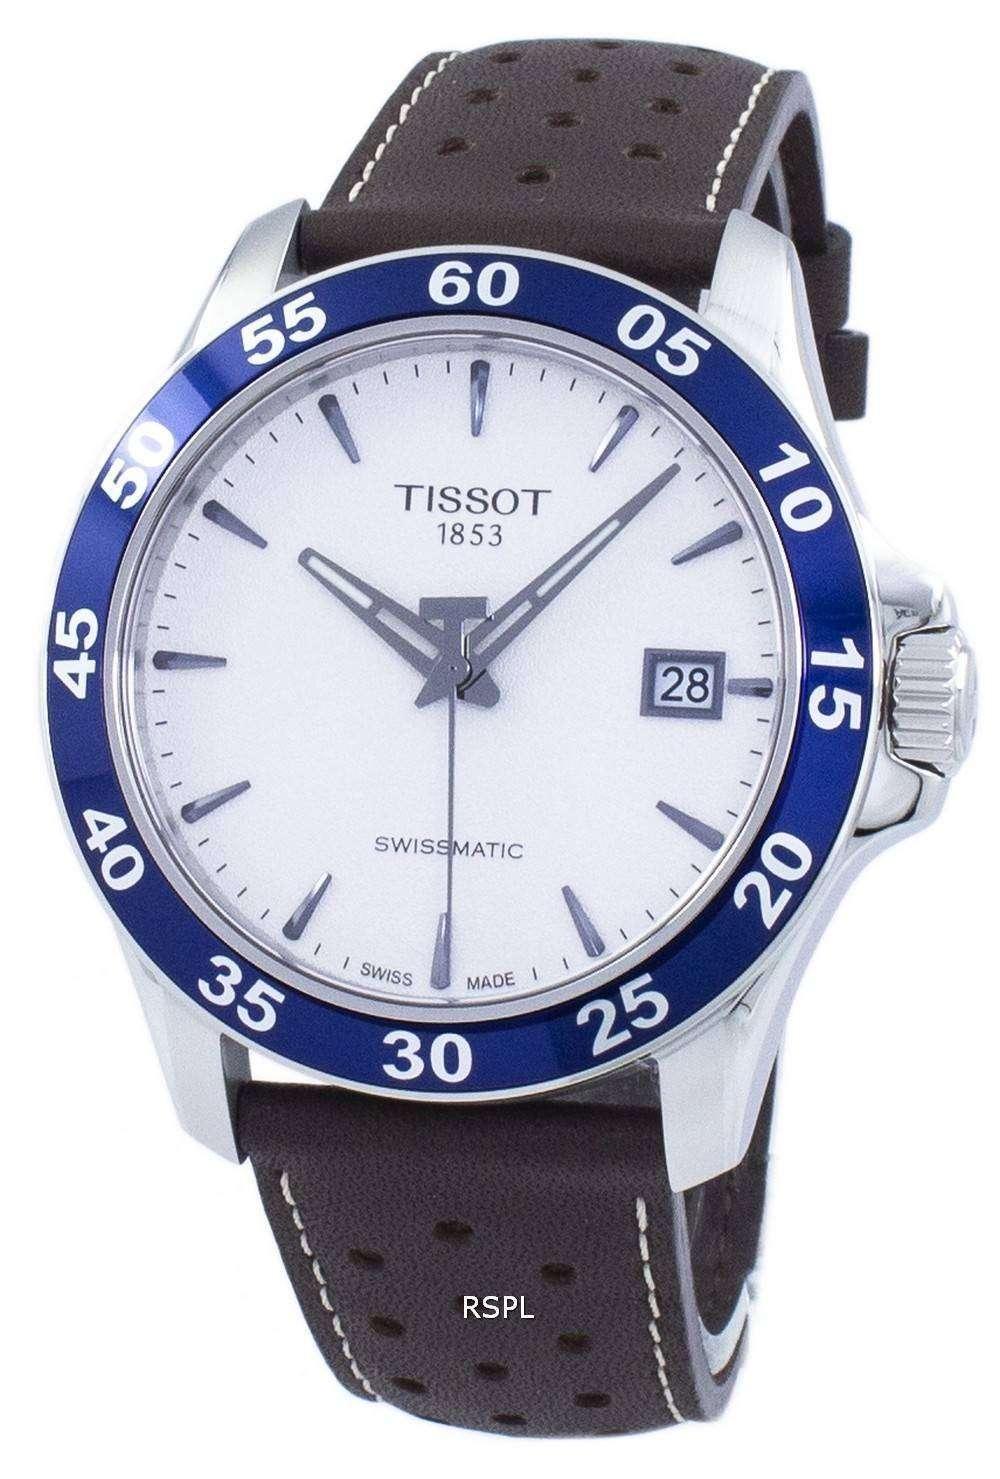 ティソ T-スポーツ V8 Swissmatic 自動 T106.407.16.031.00 T1064071603100 メンズ腕時計